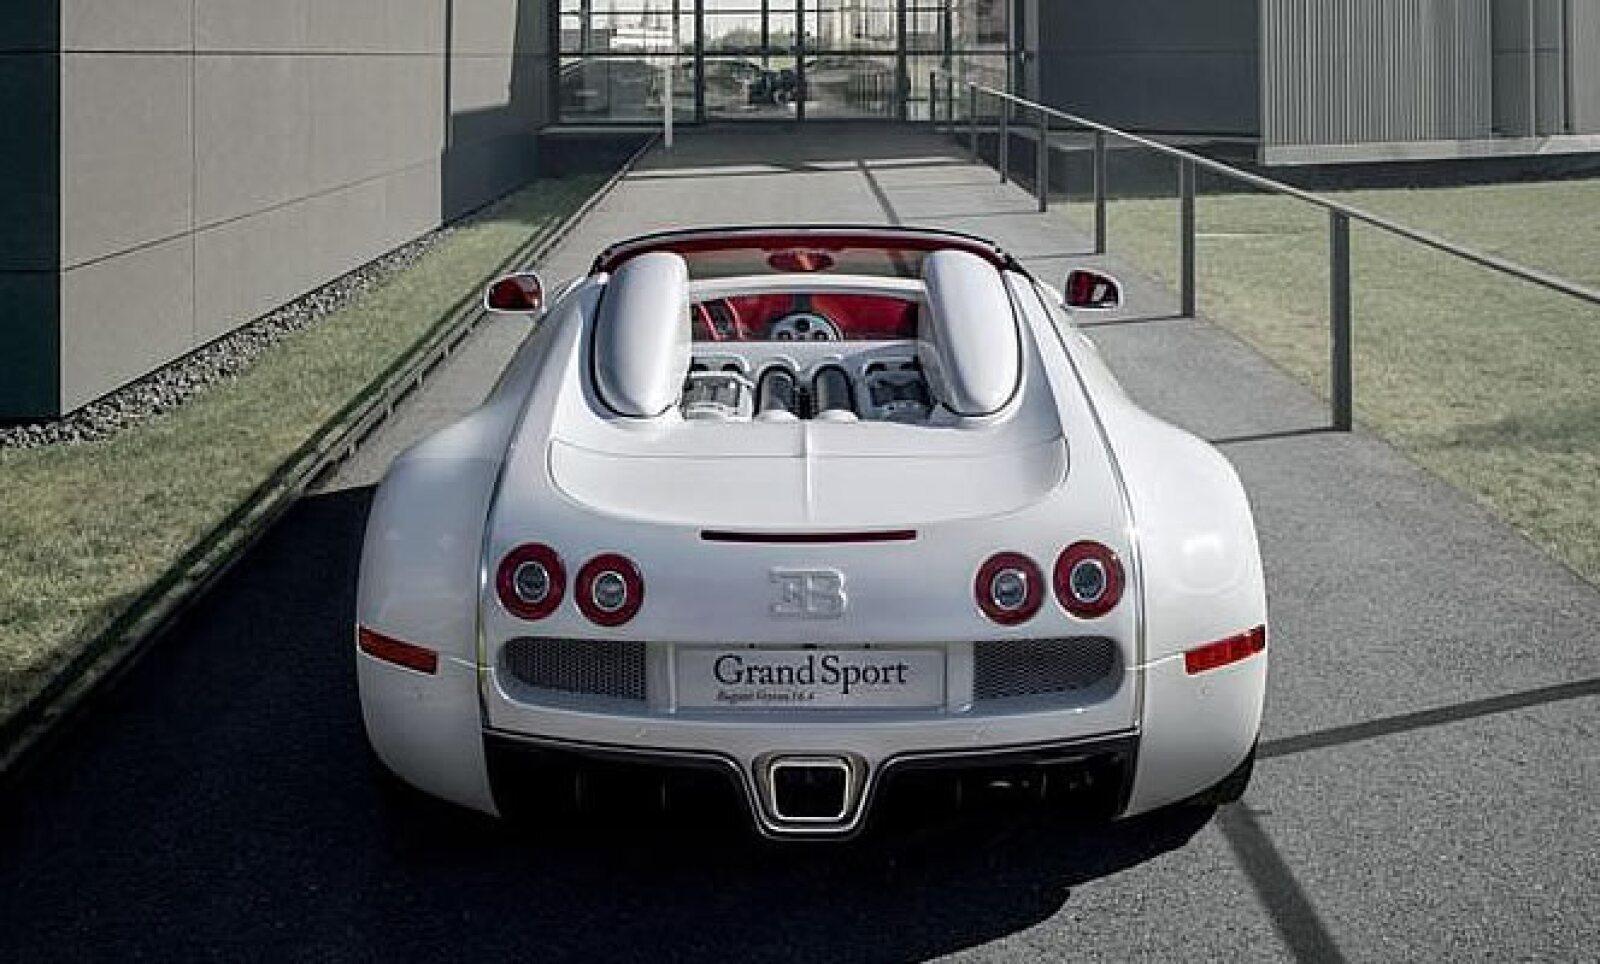 Este modelo, que emplea una carrocería en color blanco y vestiduras en rojo, fue creado en conjunto con la empresa alemana Königliche Porzellan Manufaktur.